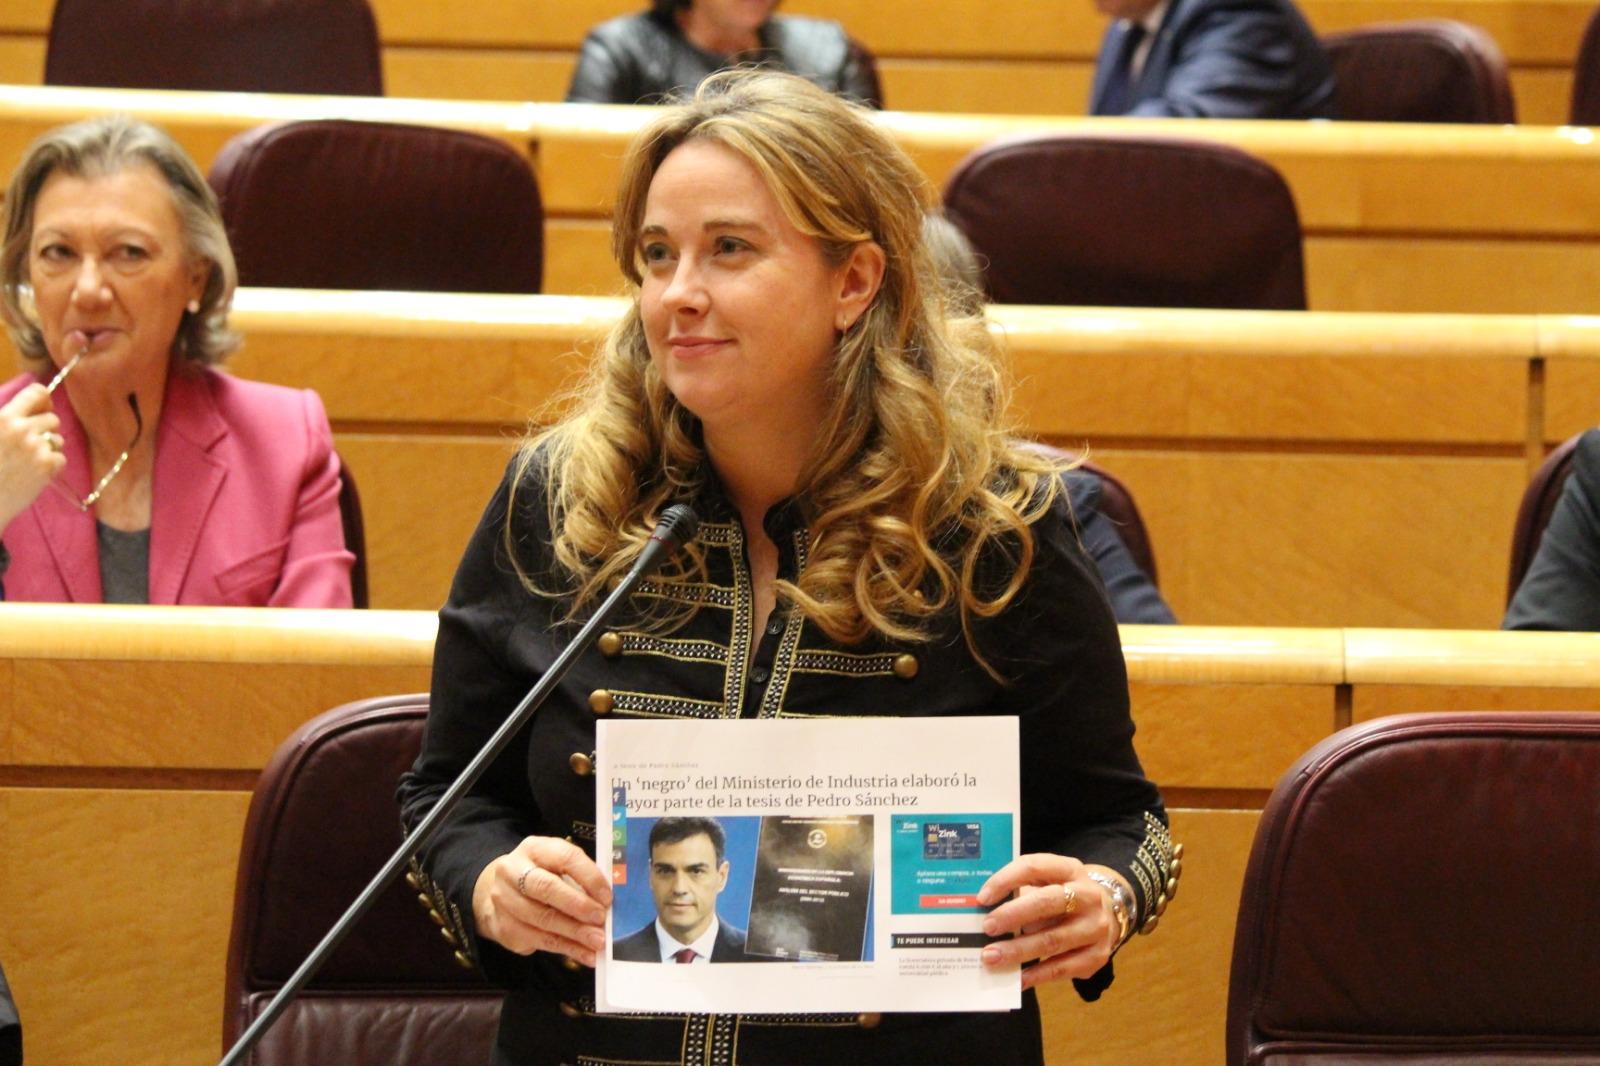 Cristina Ayala, portavoz adjunta del PP en el Senado, con una noticia de OKDIARIO sobre la tesis de Sánchez.